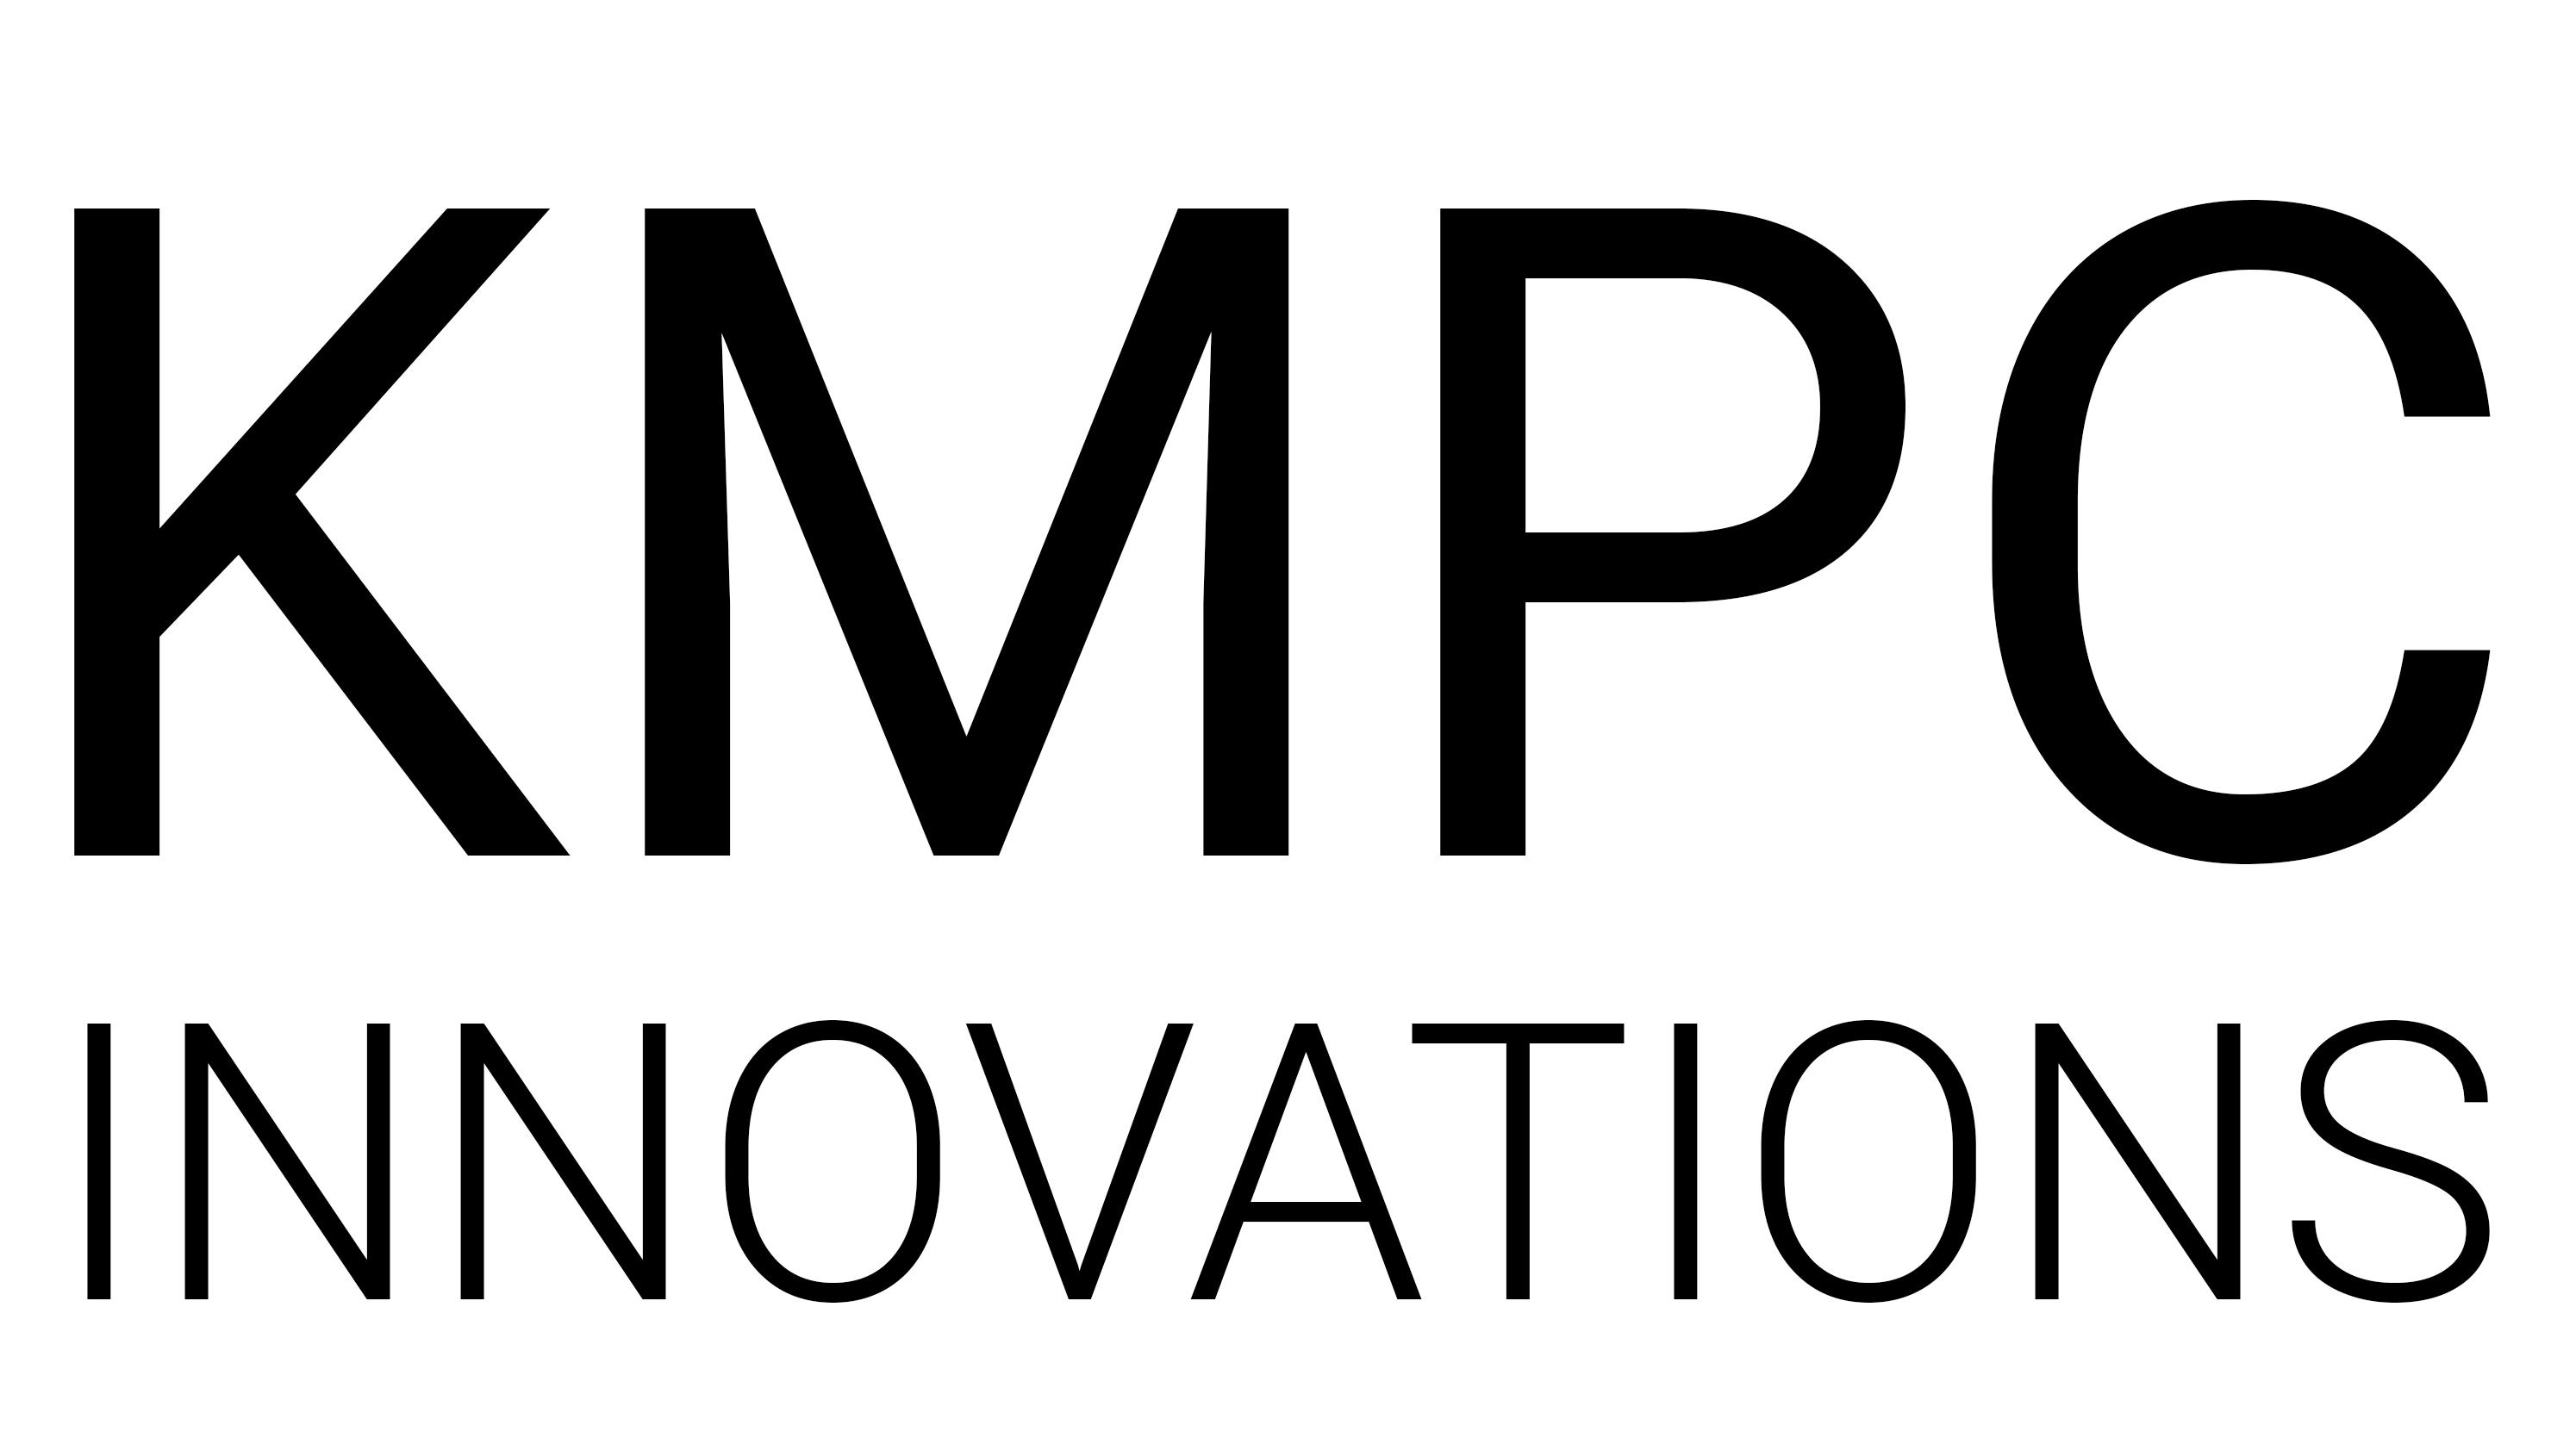 KMPC Innovations